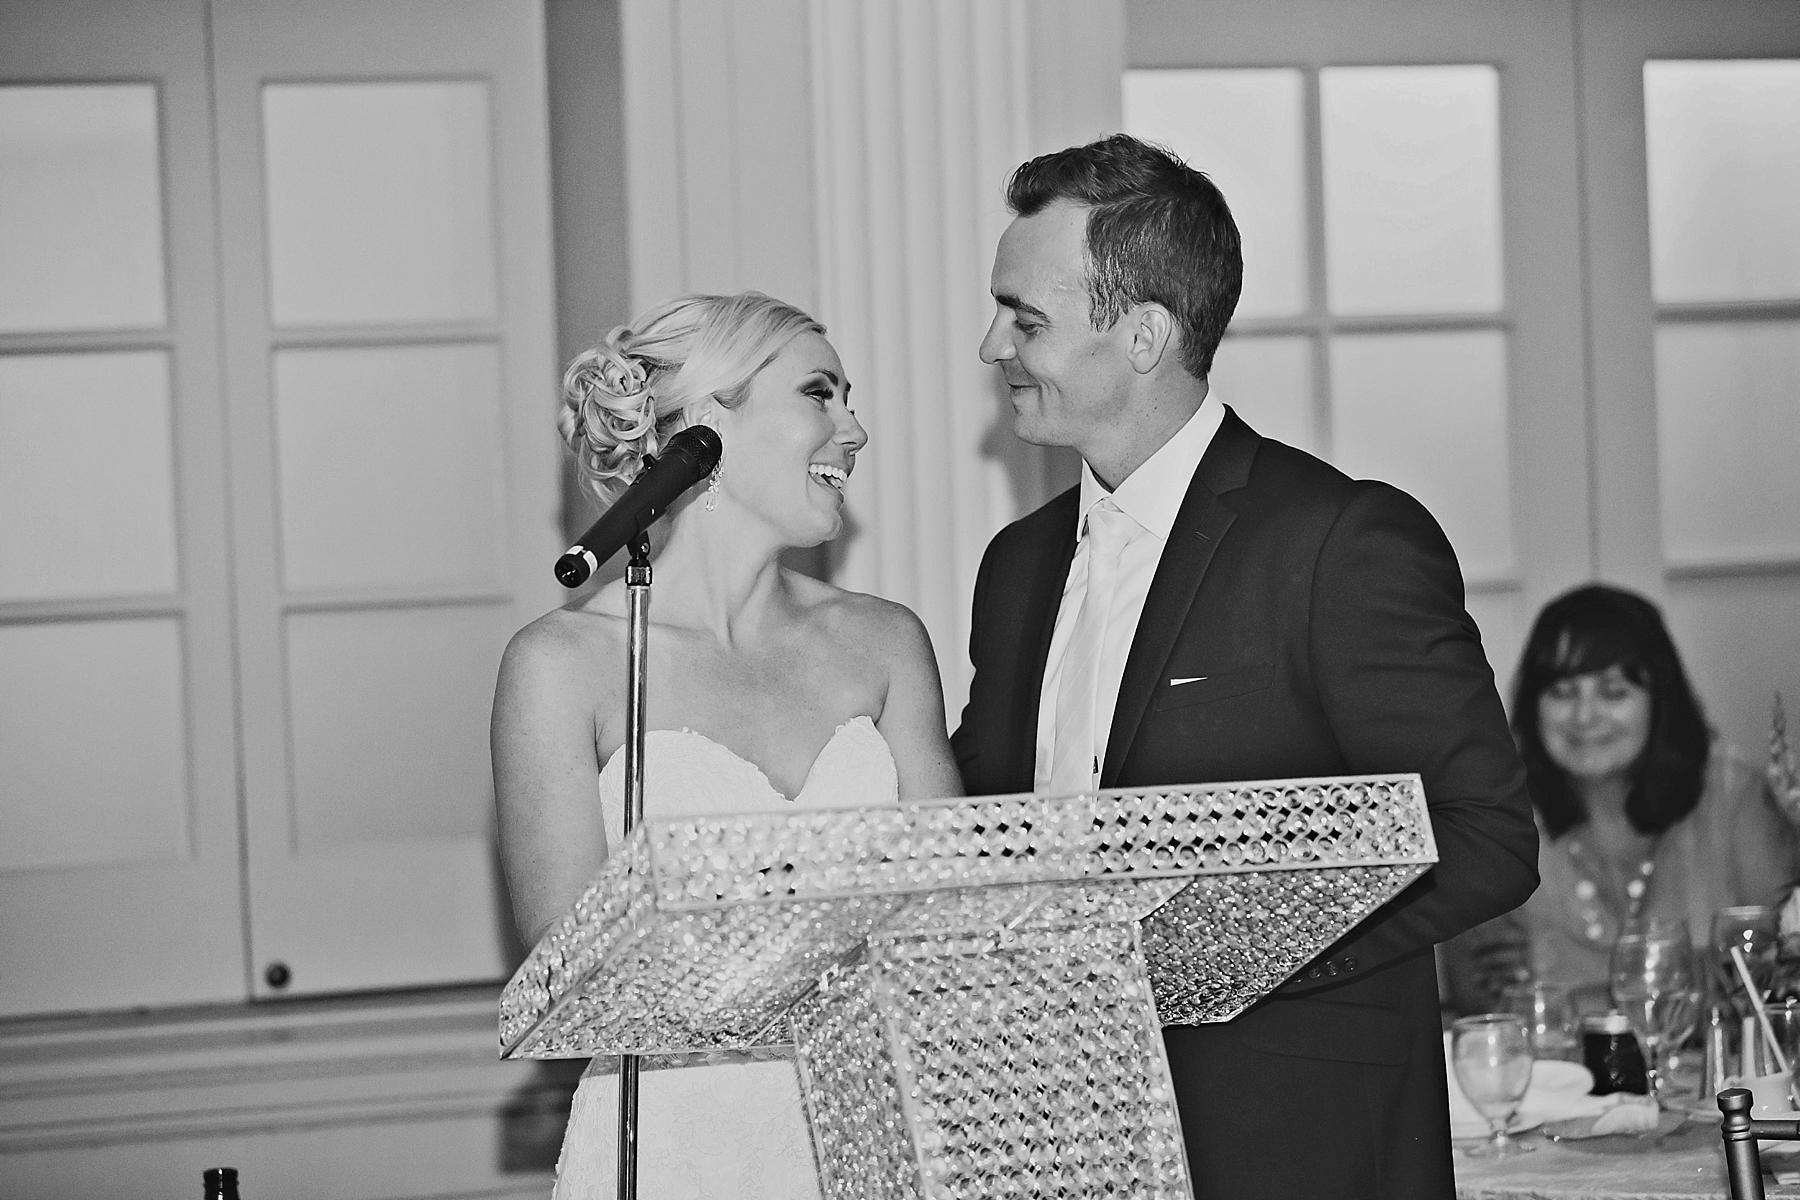 windsor-wedding-photographer-essex-golf-country-club-wedding-eryn-shea-photography_0091.jpg